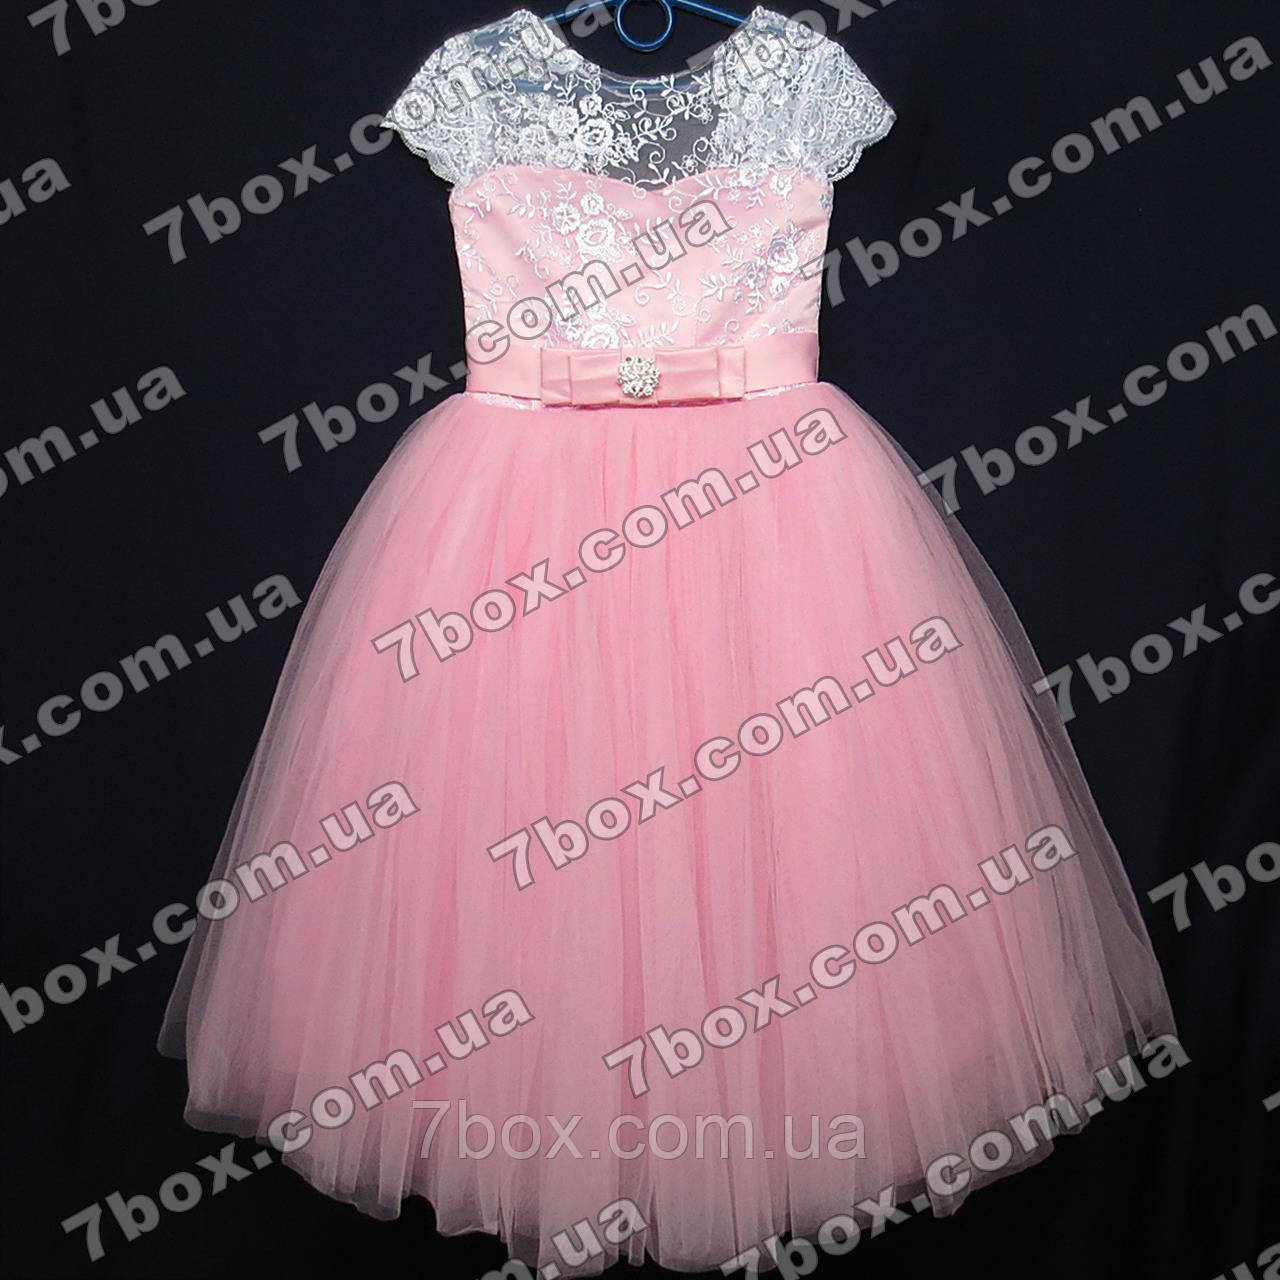 Детское нарядное платье бальное Грация (розовое) Возраст 6 лет.